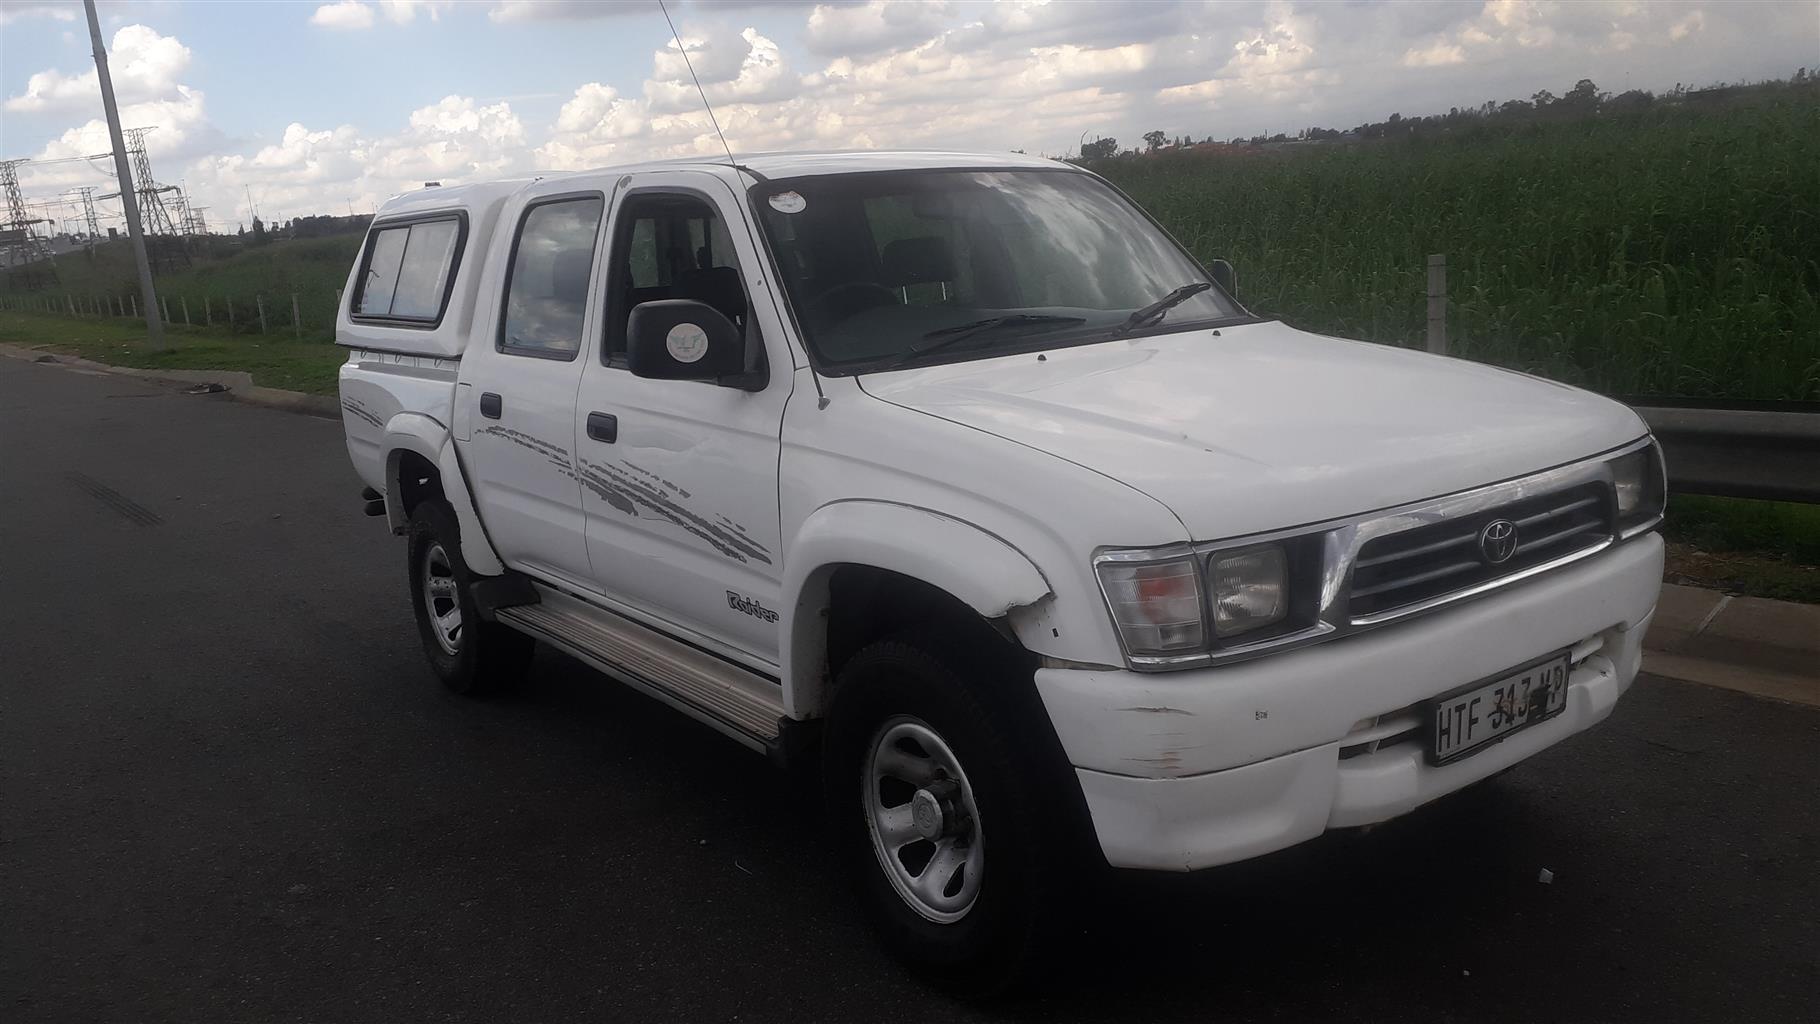 2000 Toyota Hilux double cab HILUX 3.0 D 4D RAIDER 4X4 A/T P/U D/C